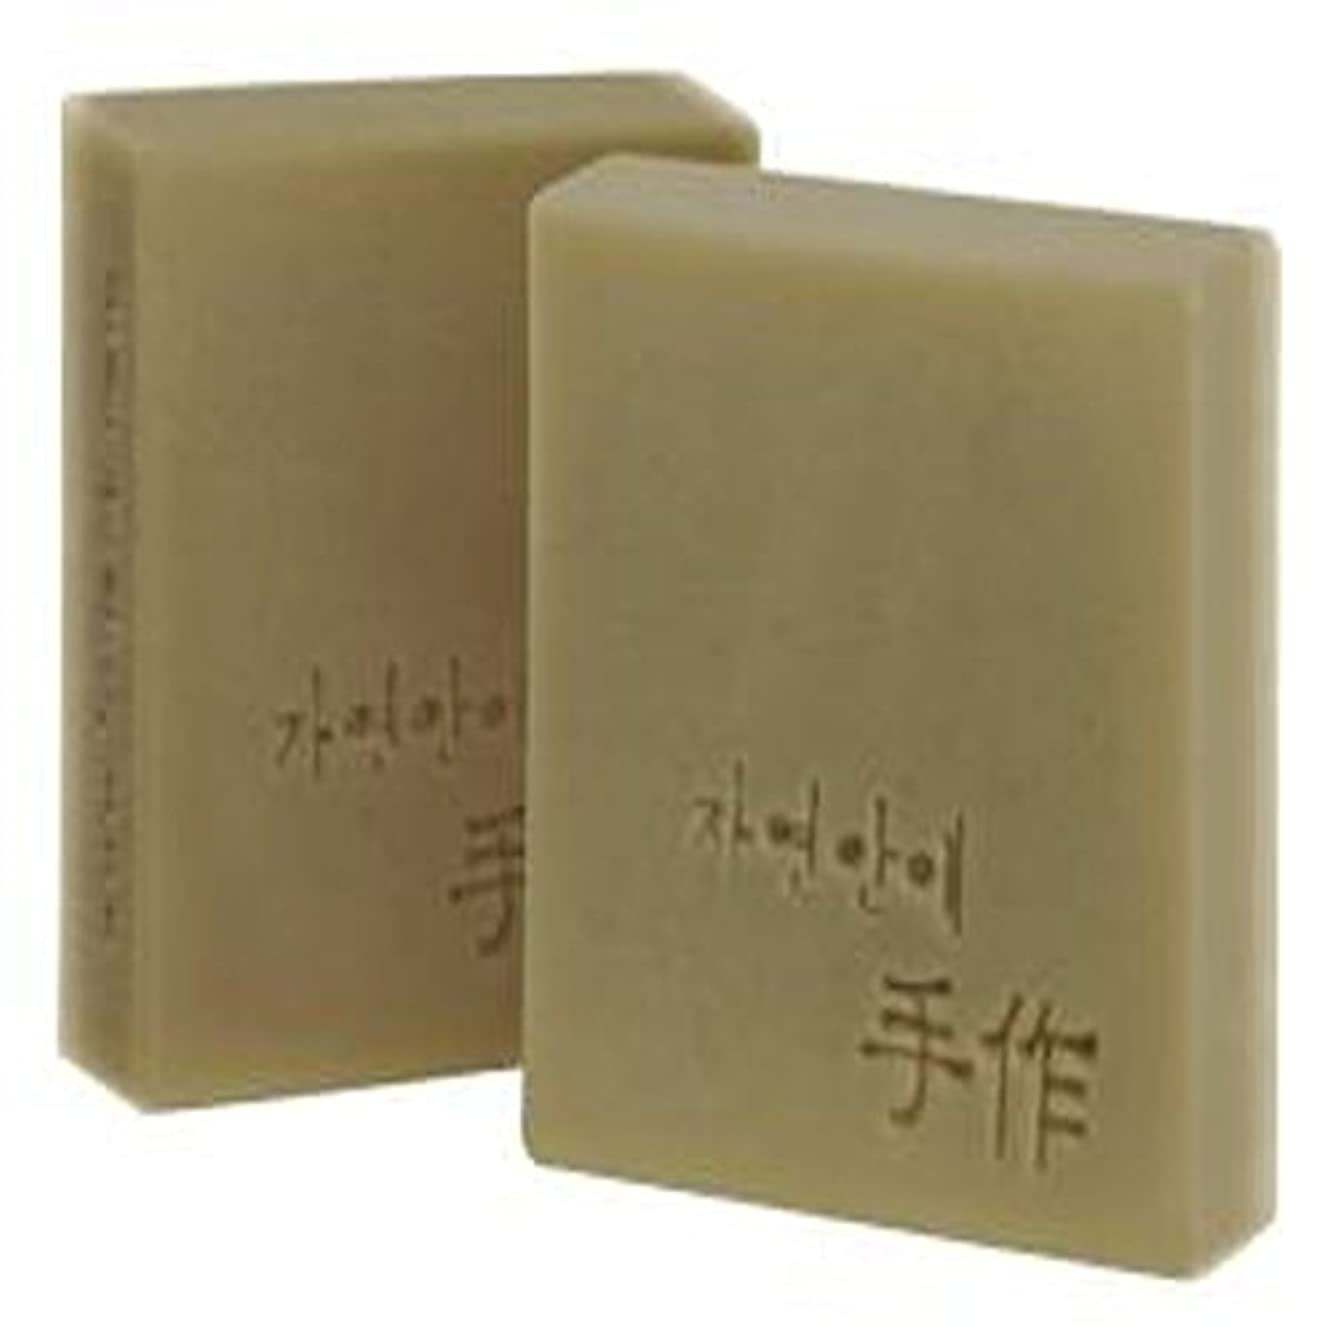 ちょっと待ってシプリー上へNatural organic 有機天然ソープ 固形 無添加 洗顔せっけんクレンジング 石鹸 [並行輸入品] (米ぬか)